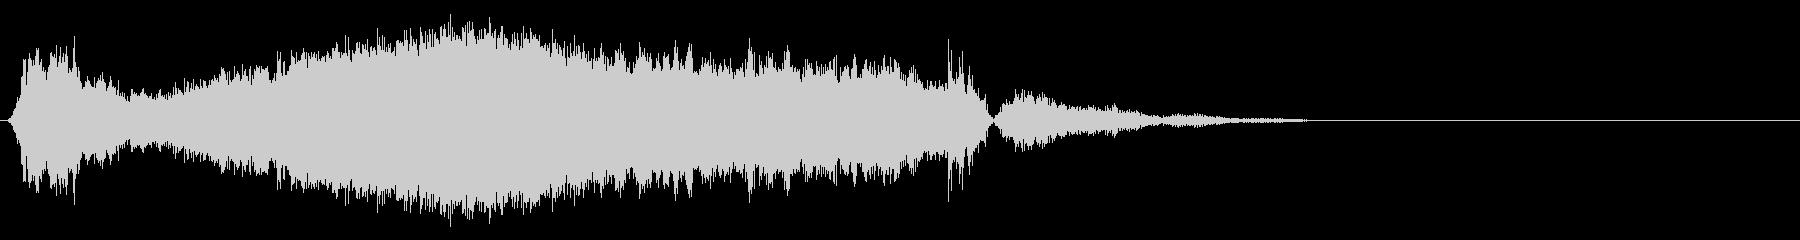 ハッシーノイズスライススイープ3の未再生の波形